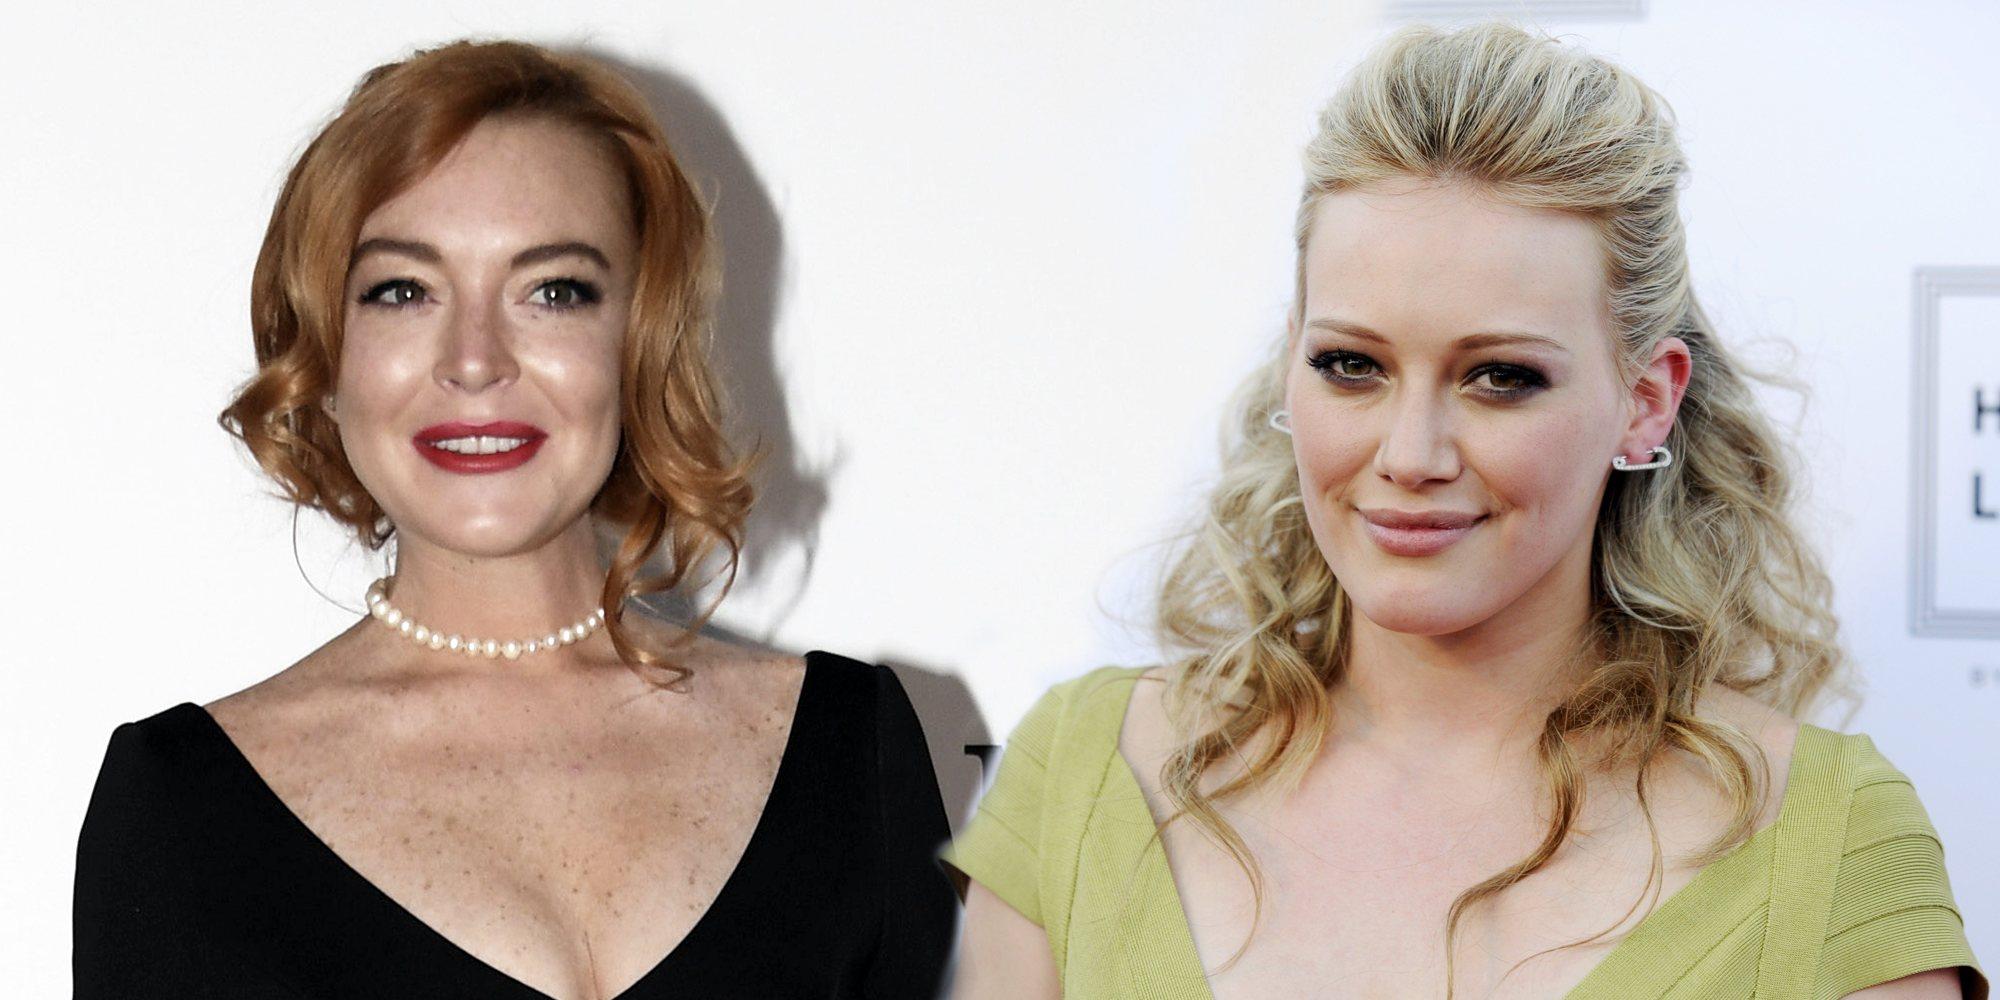 Enemigas Íntimas: Hilary Duff y Lindsay Lohan, dos chicas Disney enfrentadas por un amor adolescente